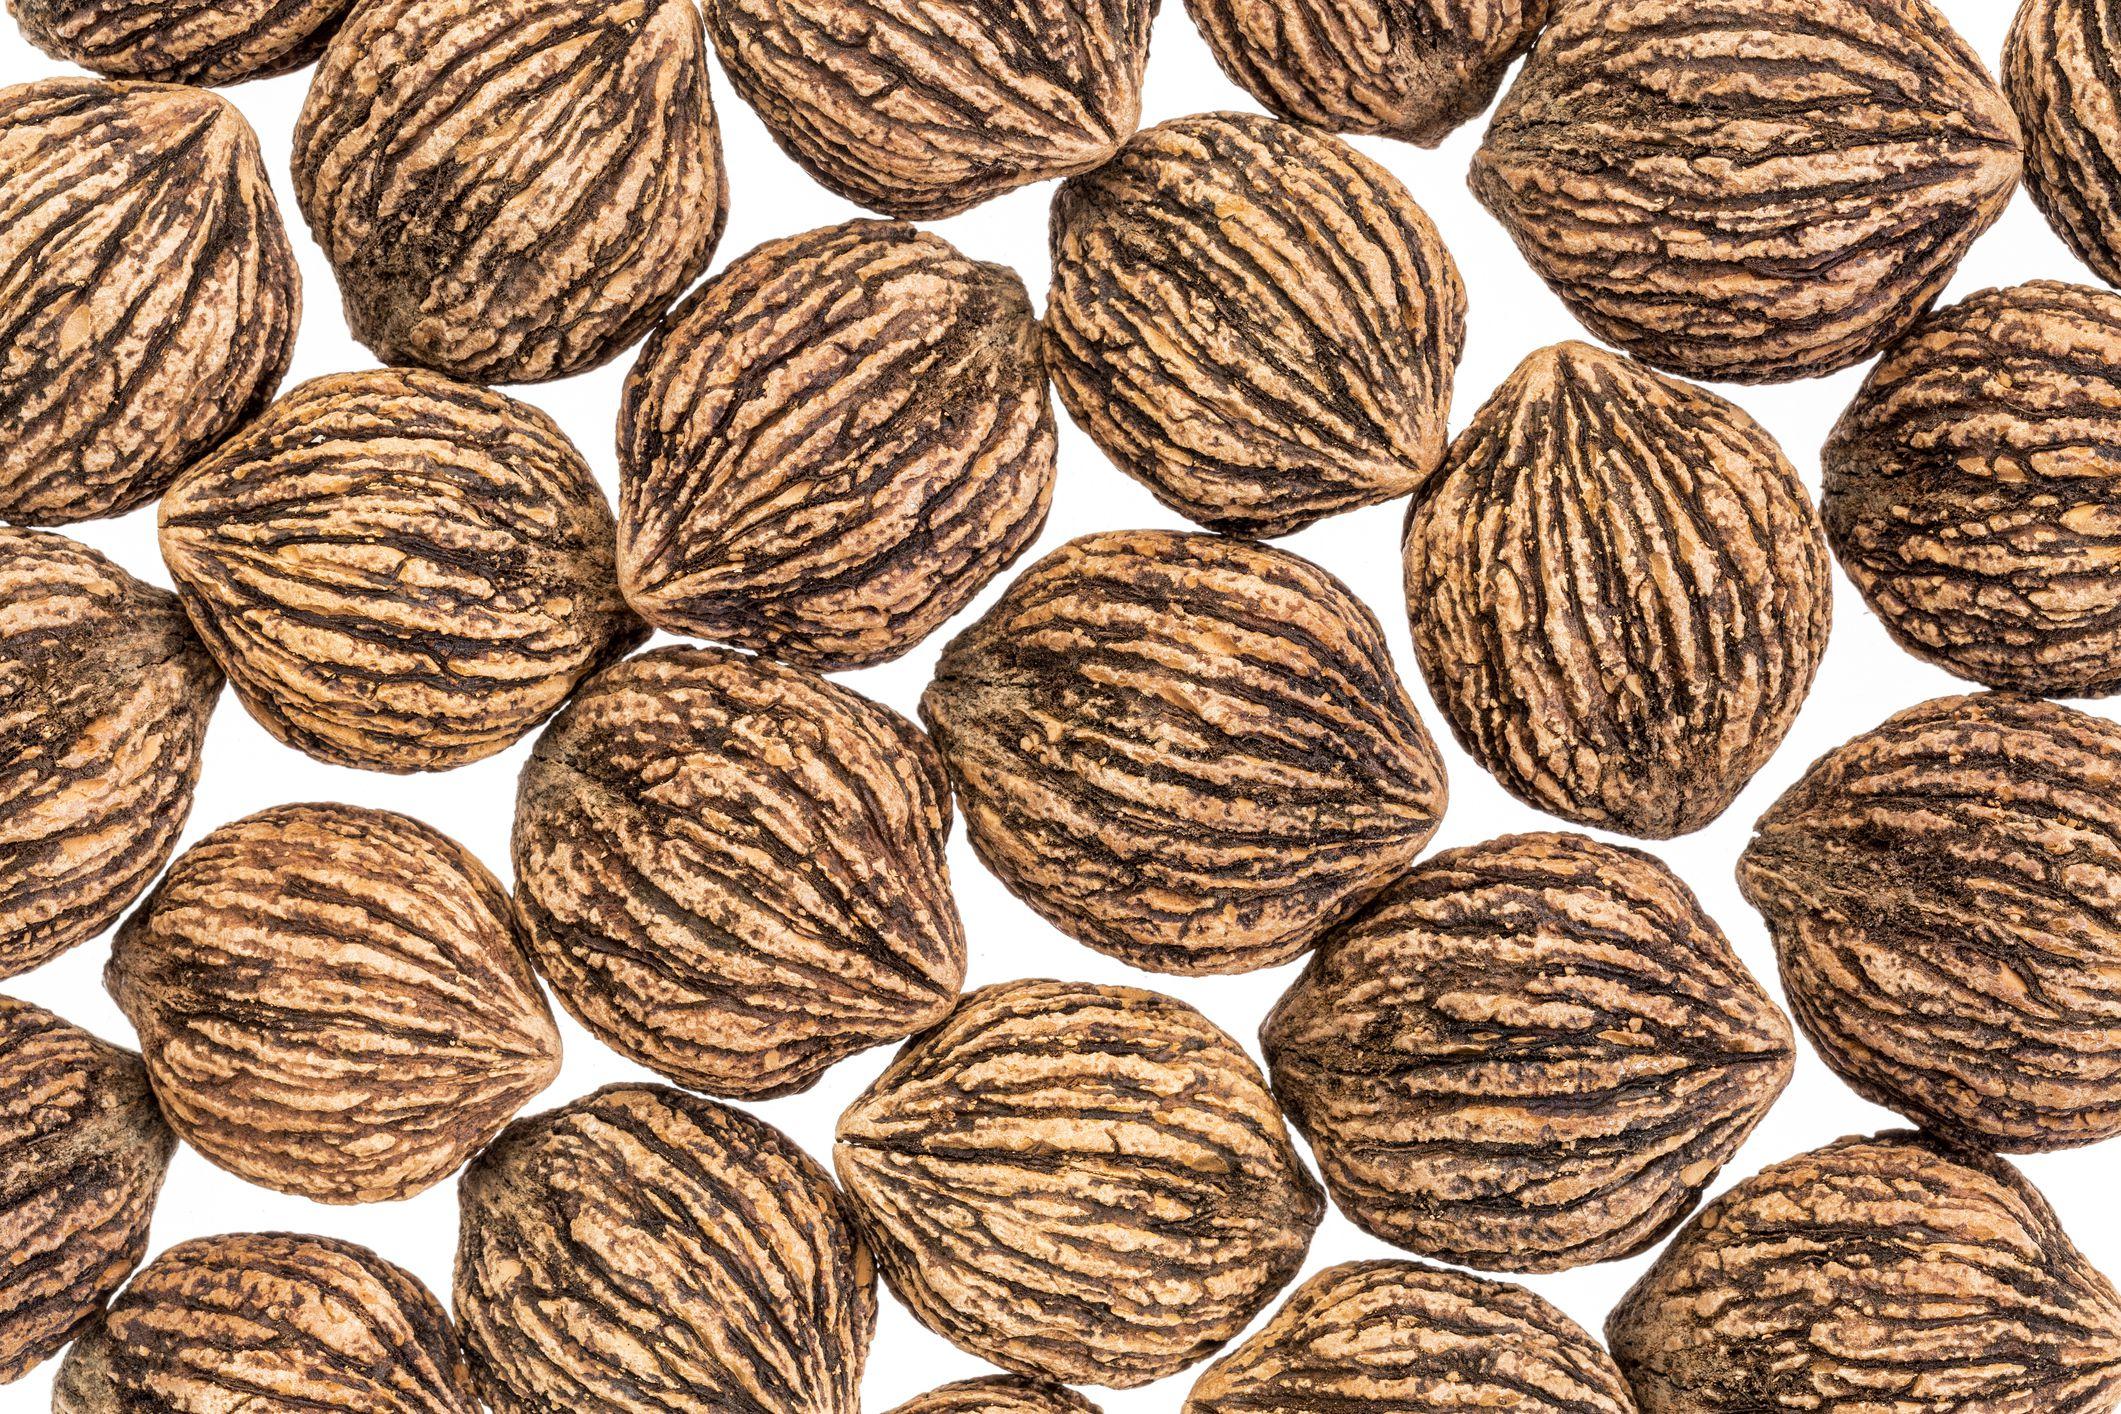 Cured Black Walnuts